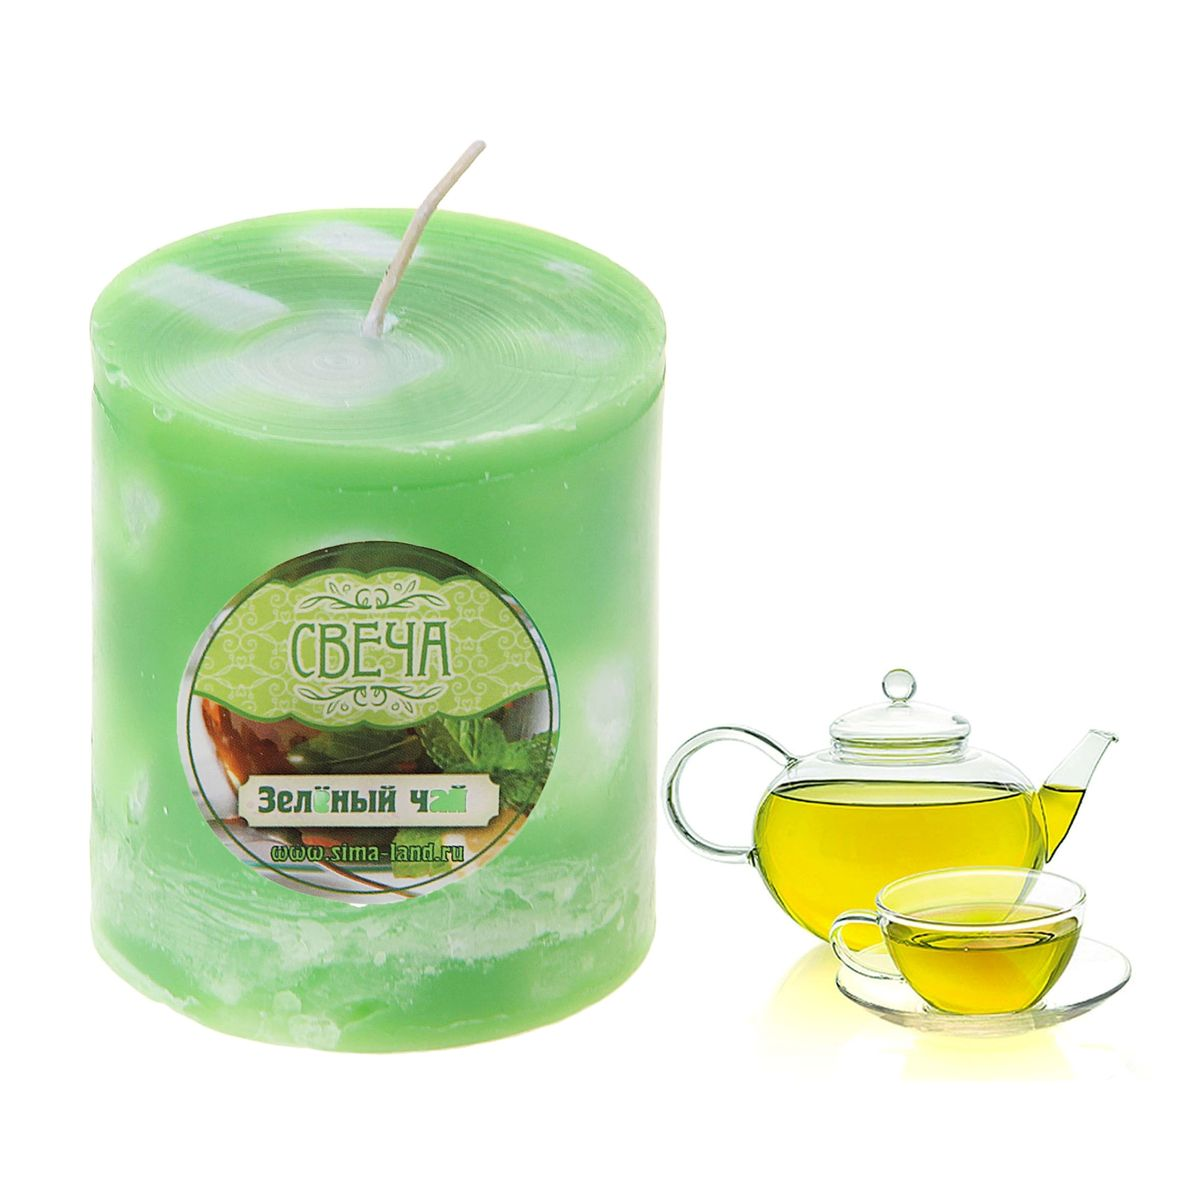 Свеча ароматизированная Sima-land Зеленый чай, высота 7,5 см. 849571U210DFСвеча Sima-land Зеленый чай выполнена из воска в виде столбика. Свеча порадует ярким дизайном и насыщенным ароматом зеленого чая, который понравится как женщинам, так и мужчинам. Создайте для себя и своих близких незабываемую атмосферу праздника в доме. Ароматическая свеча Sima-land Зеленый чай раскрасит серые будни яркими красками.